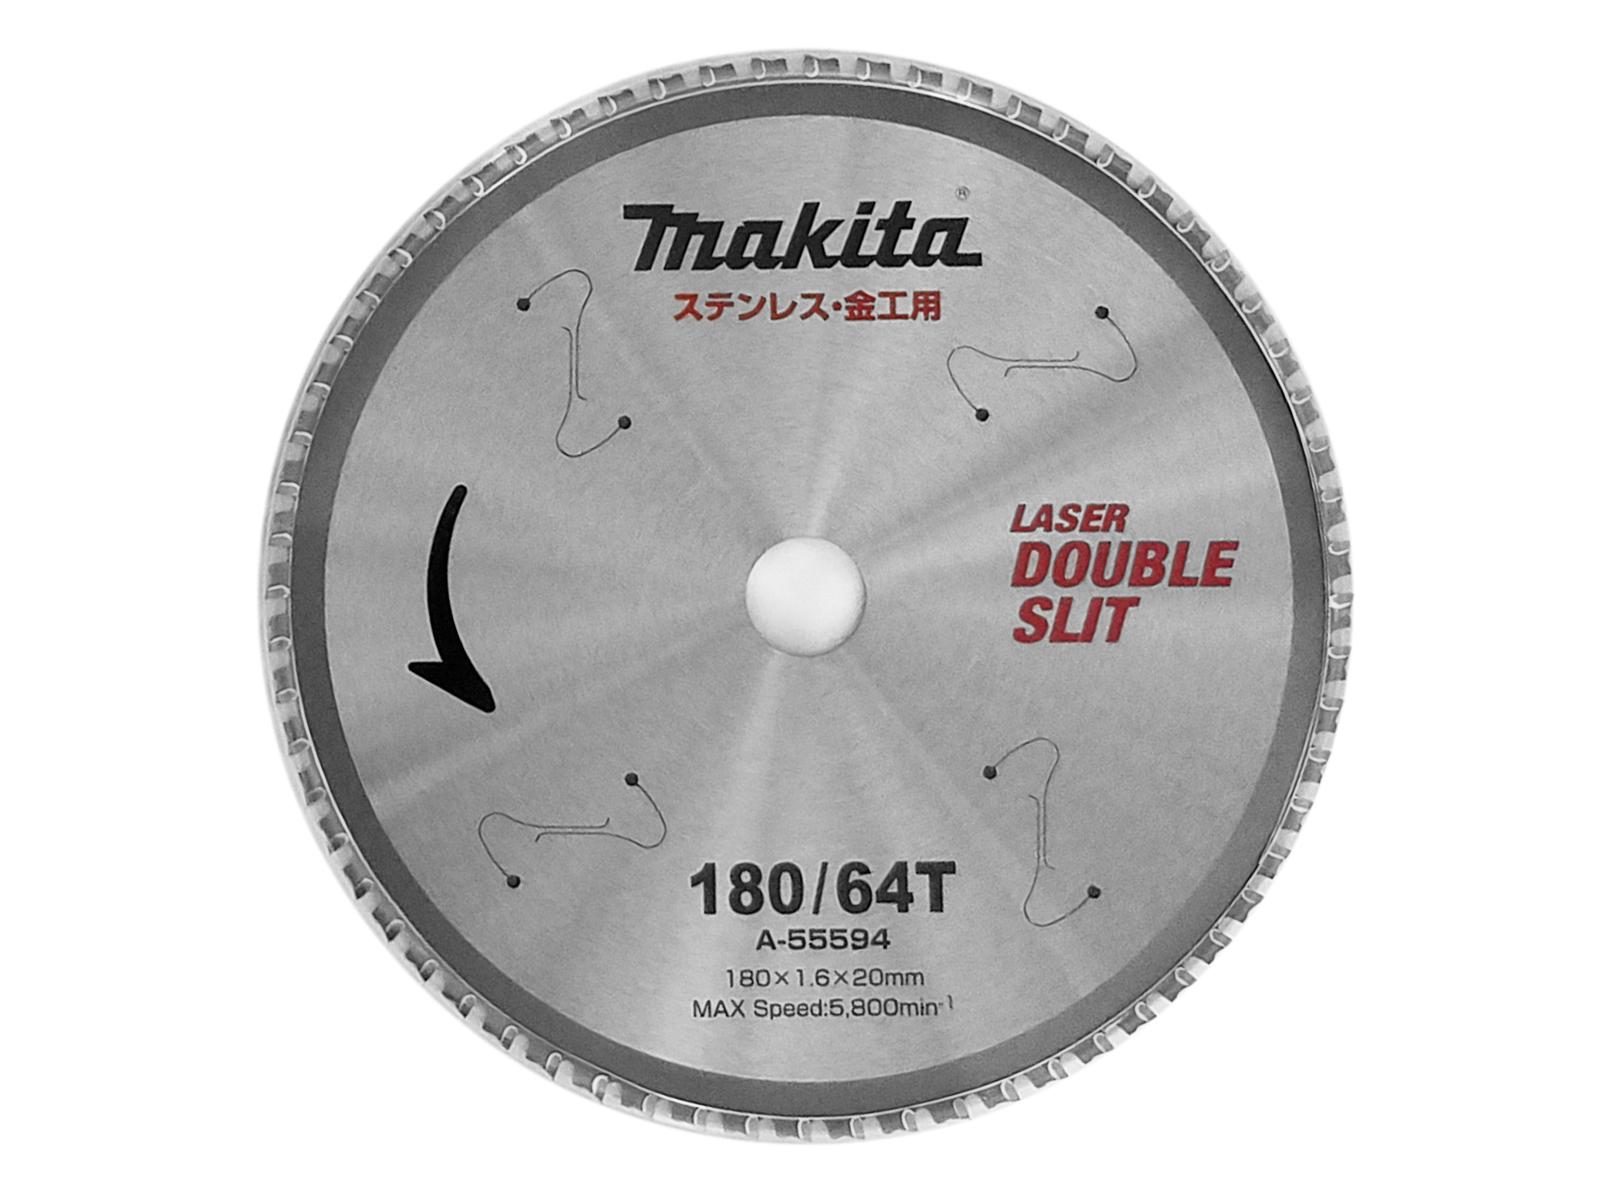 マキタ レーザースリットチップソー 売却 A-55594 ステンレス 180mm×64P 人気 おすすめ 金工用